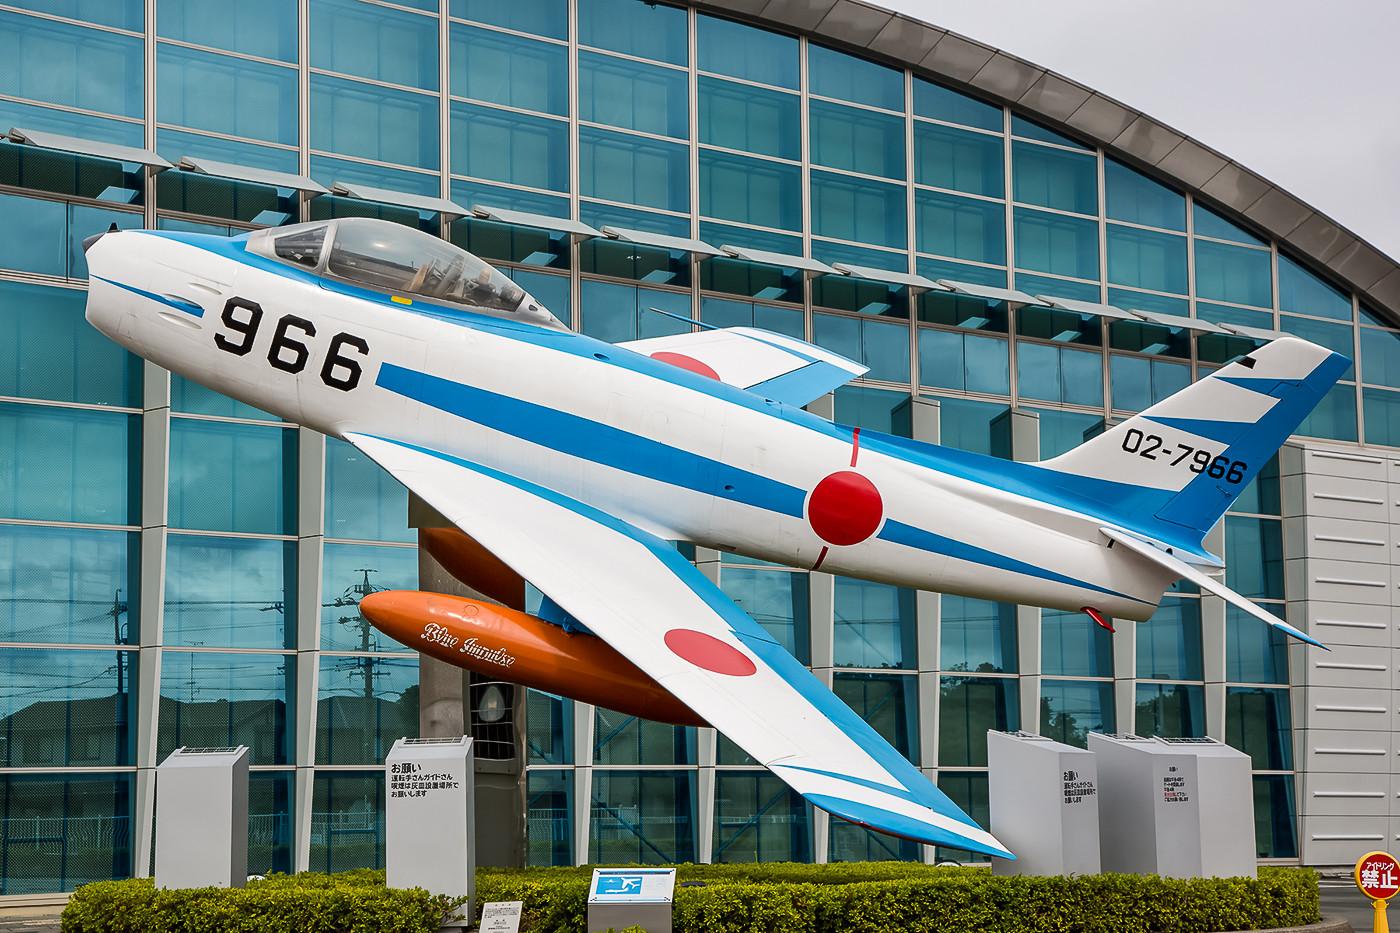 """Vor dem Eingang des Hamamatsu Air Parks begrüßt diese F-86 in den Farben der """"Blue Impulse"""" die Besucher."""